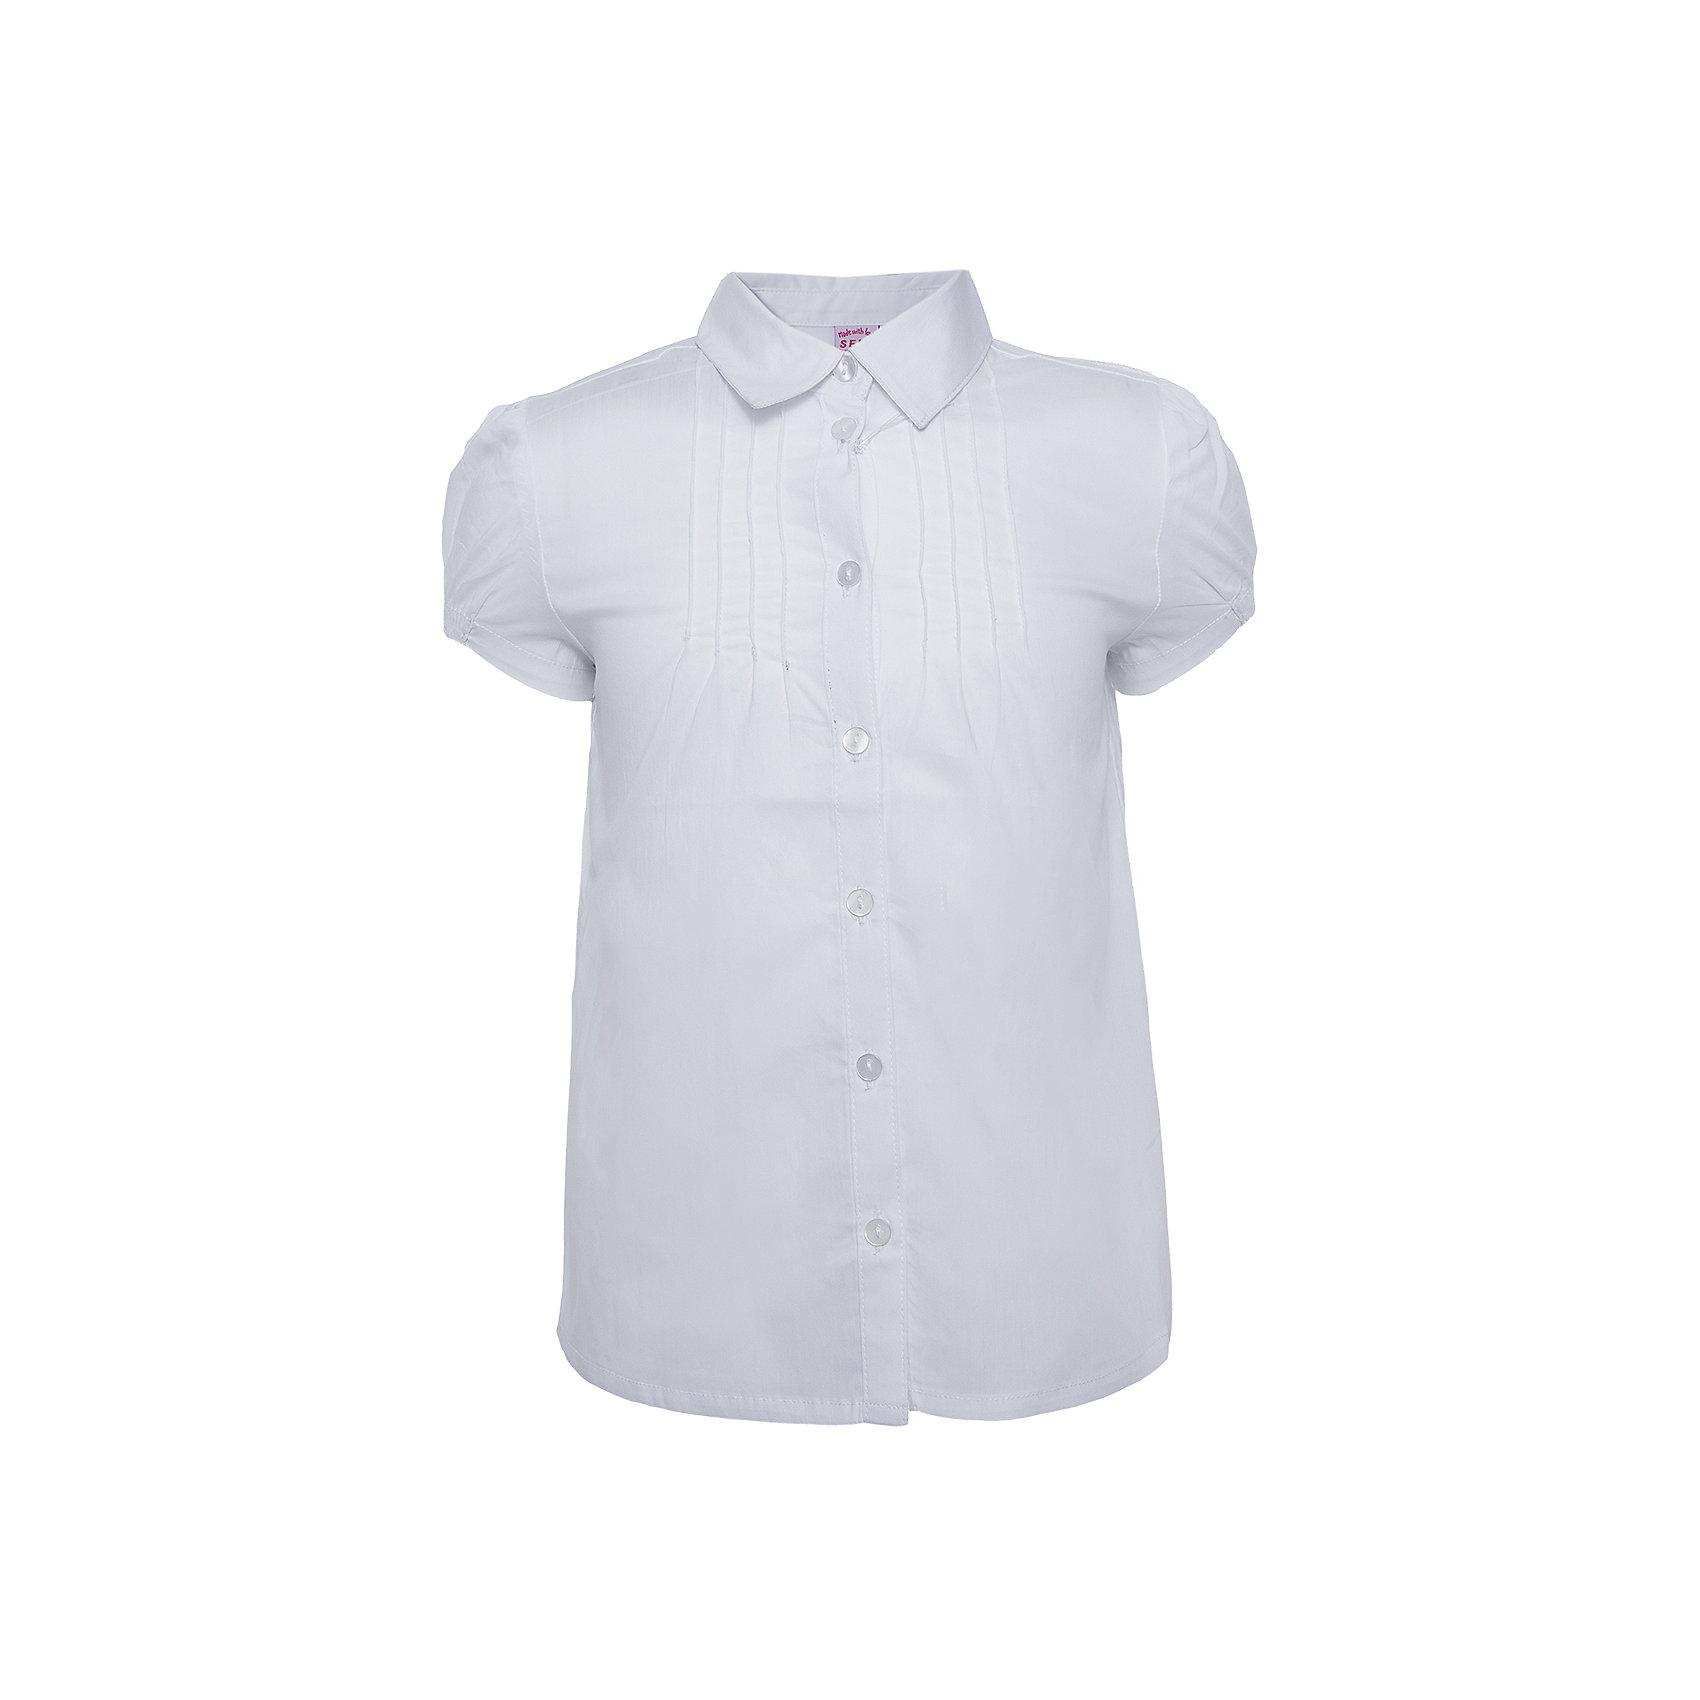 Блузка для девочки SELAБлузки и рубашки<br>Белая блузка с укороченным руковом юной модницы.<br><br>Блузка свободного кроя, поэтому ее можно комбинировать с любыми вещами.<br><br>Дополнительная информация:<br><br>- Свободный крой.<br>- Короткий рукав, отложной воротничок.<br>- Цвет: белый.<br>- Состав:  56% хлопок, 41% нейлон, 3% эластан.<br>- Бренд: SELA<br><br>Купить блузку для девочки от SELA можно в нашем магазине.<br><br>Ширина мм: 186<br>Глубина мм: 87<br>Высота мм: 198<br>Вес г: 197<br>Цвет: белый<br>Возраст от месяцев: 60<br>Возраст до месяцев: 72<br>Пол: Женский<br>Возраст: Детский<br>Размер: 116,152,122,128,134,140,146<br>SKU: 4883454